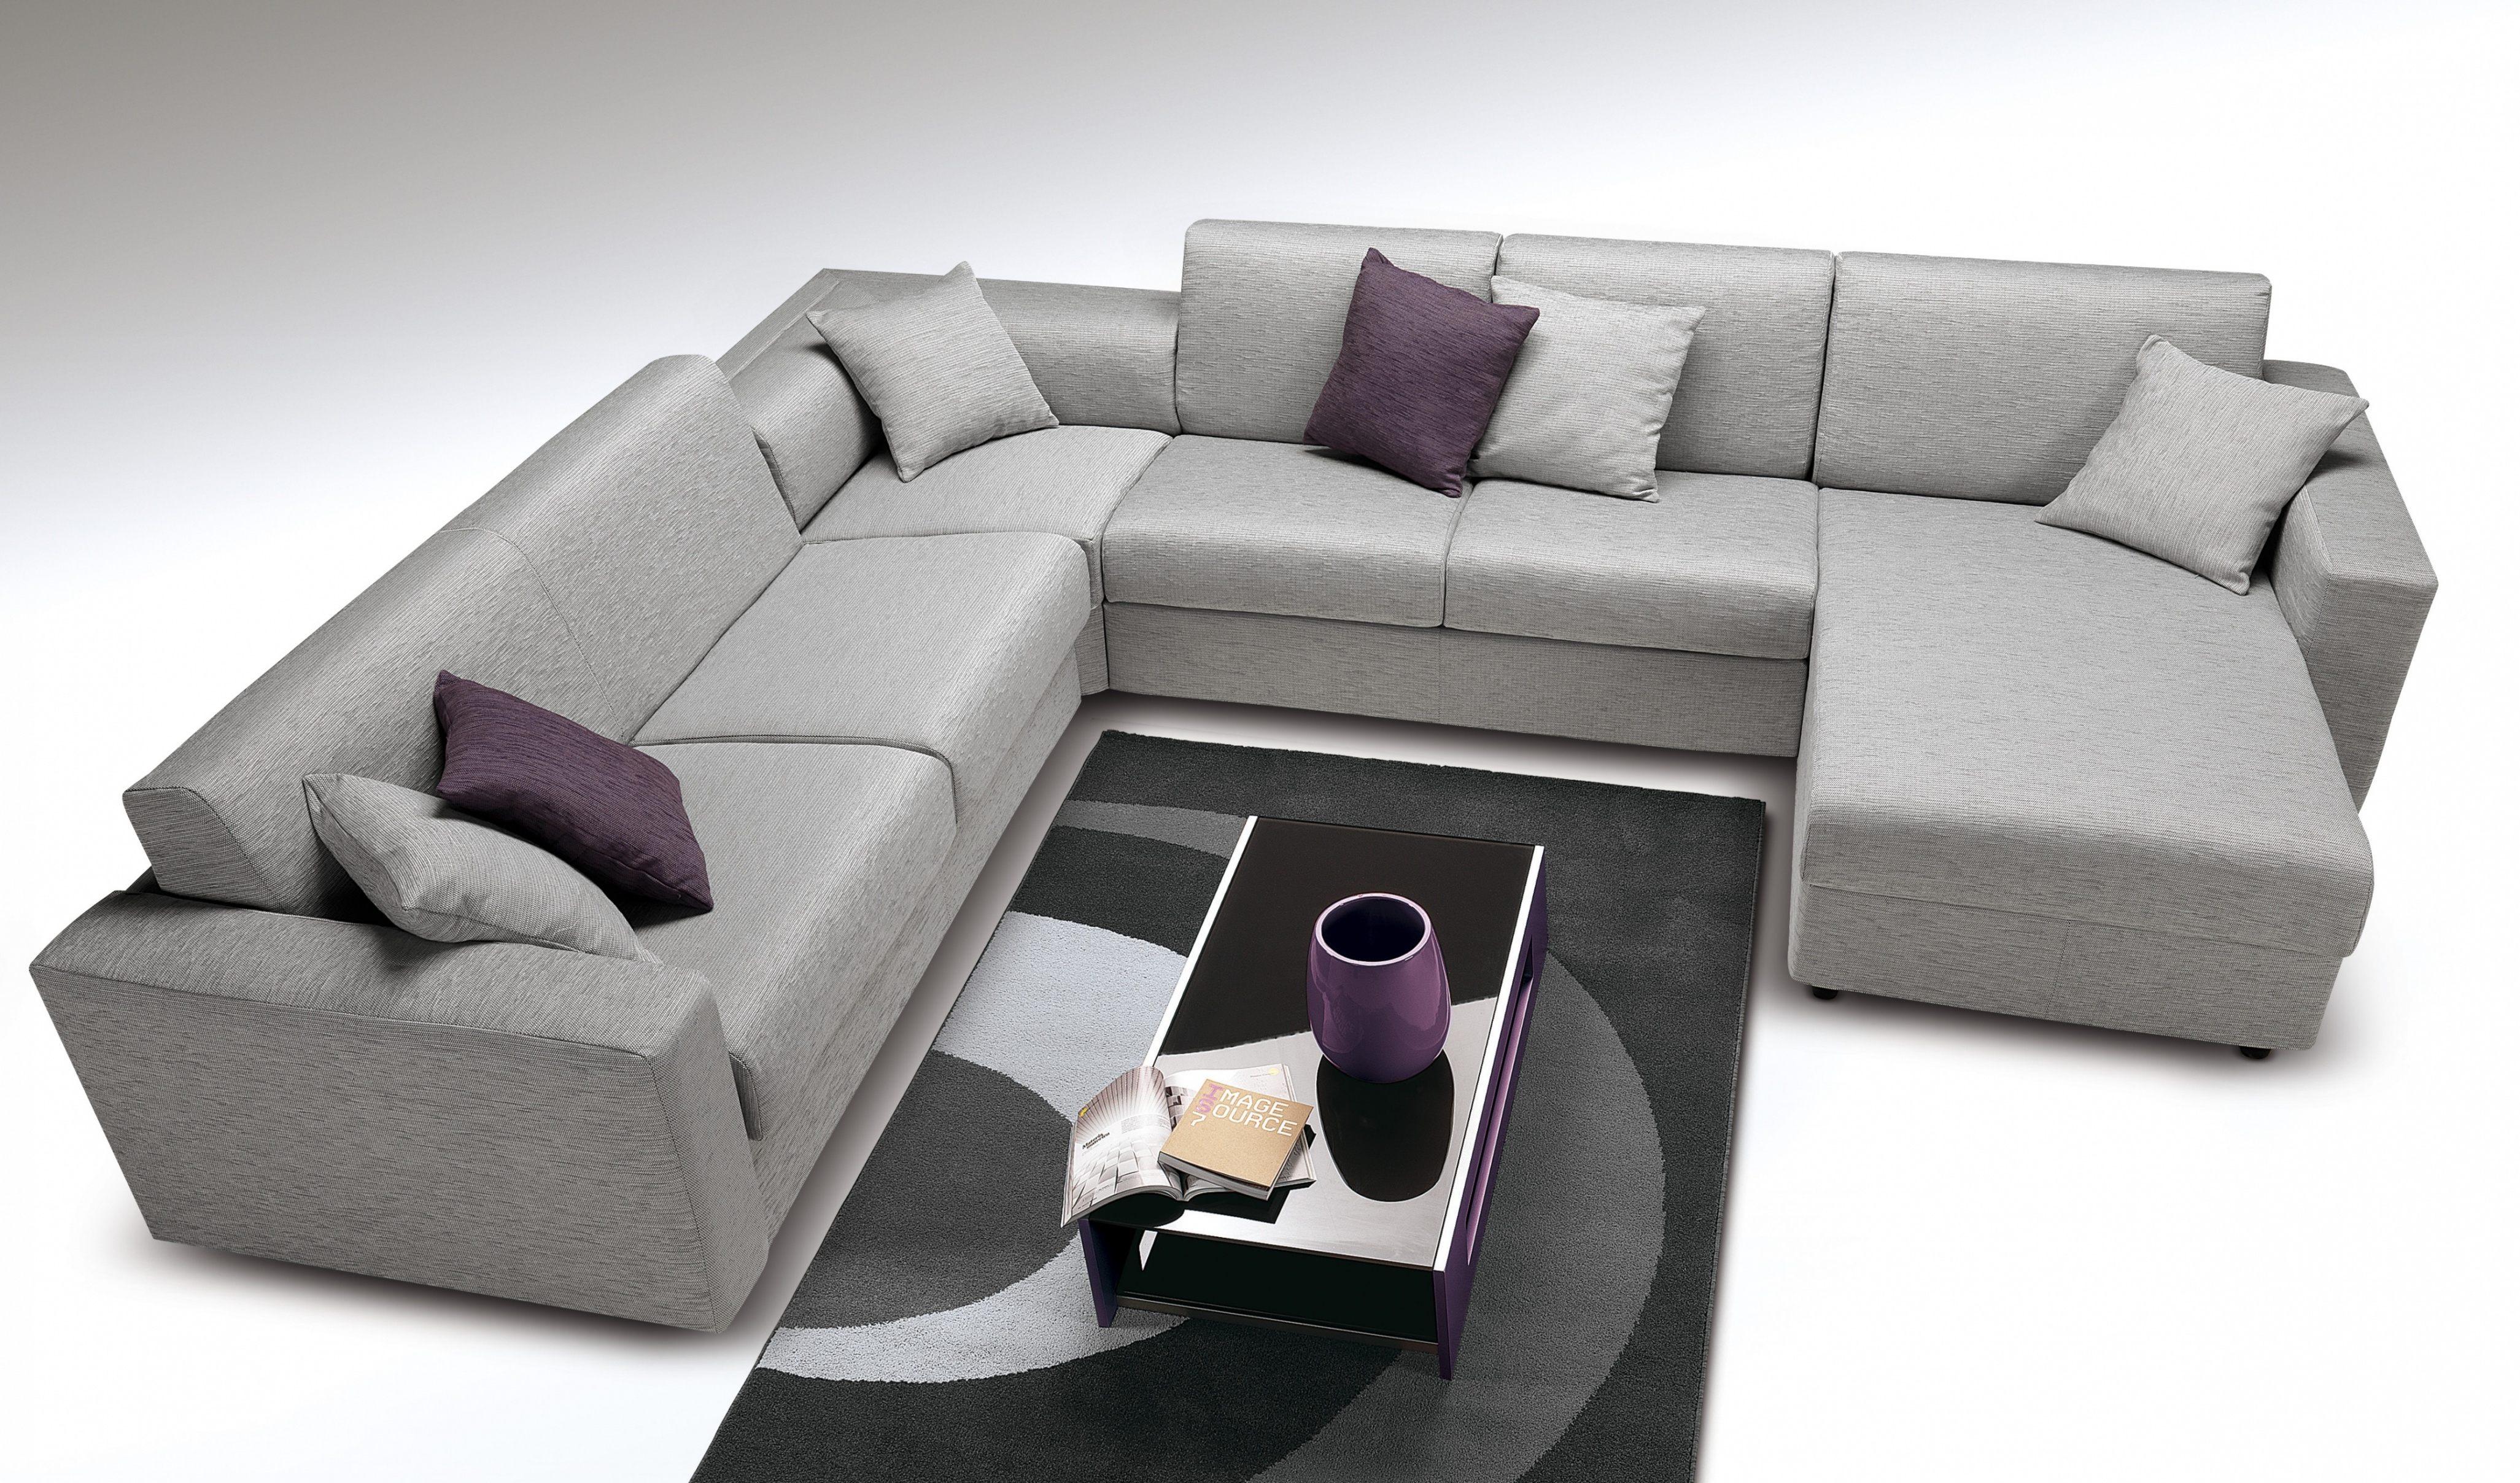 Canapé Lit Convertible Couchage Quotidien Impressionnant Avenant Canapé Lit D Angle Sur Canapé D Angle — Puredebrideur